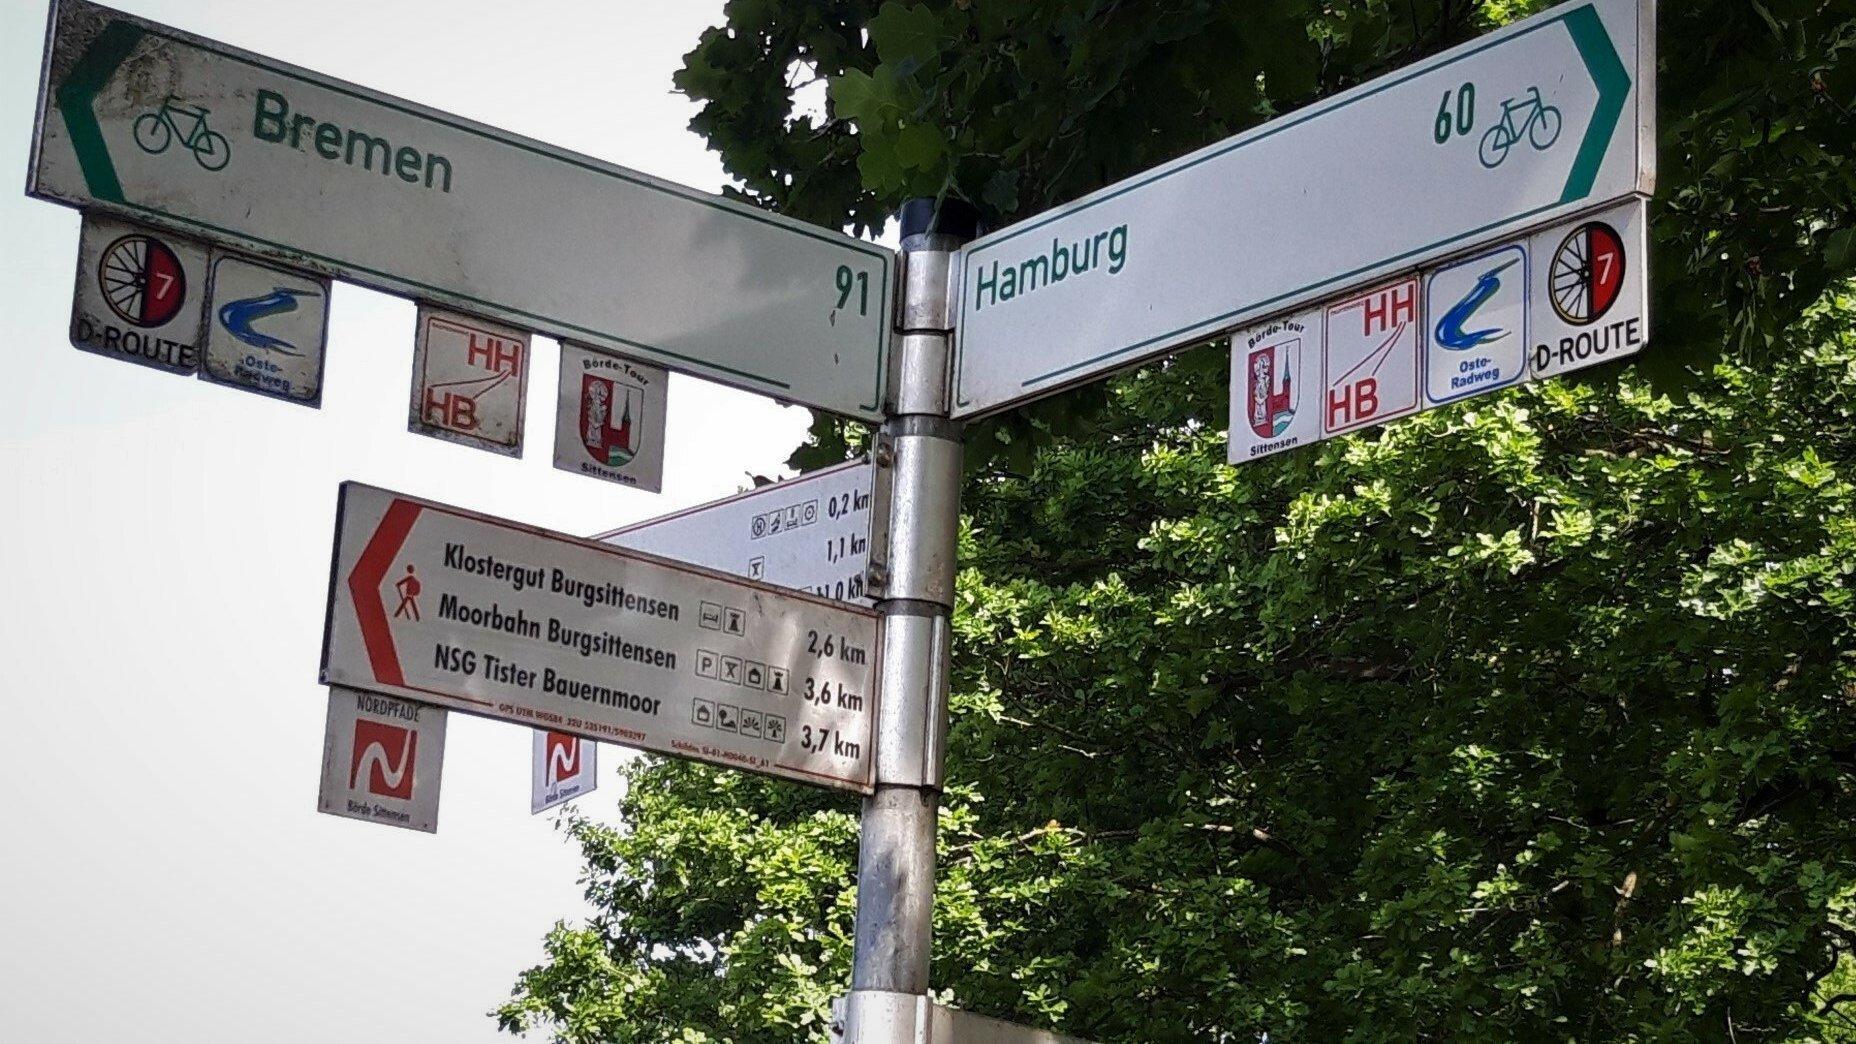 Radweg-Ausschilderung in Tiste, Kreis Rotenburg an der Wümme: Hamburg 60Kilometer, Bremen 91Kilometer.